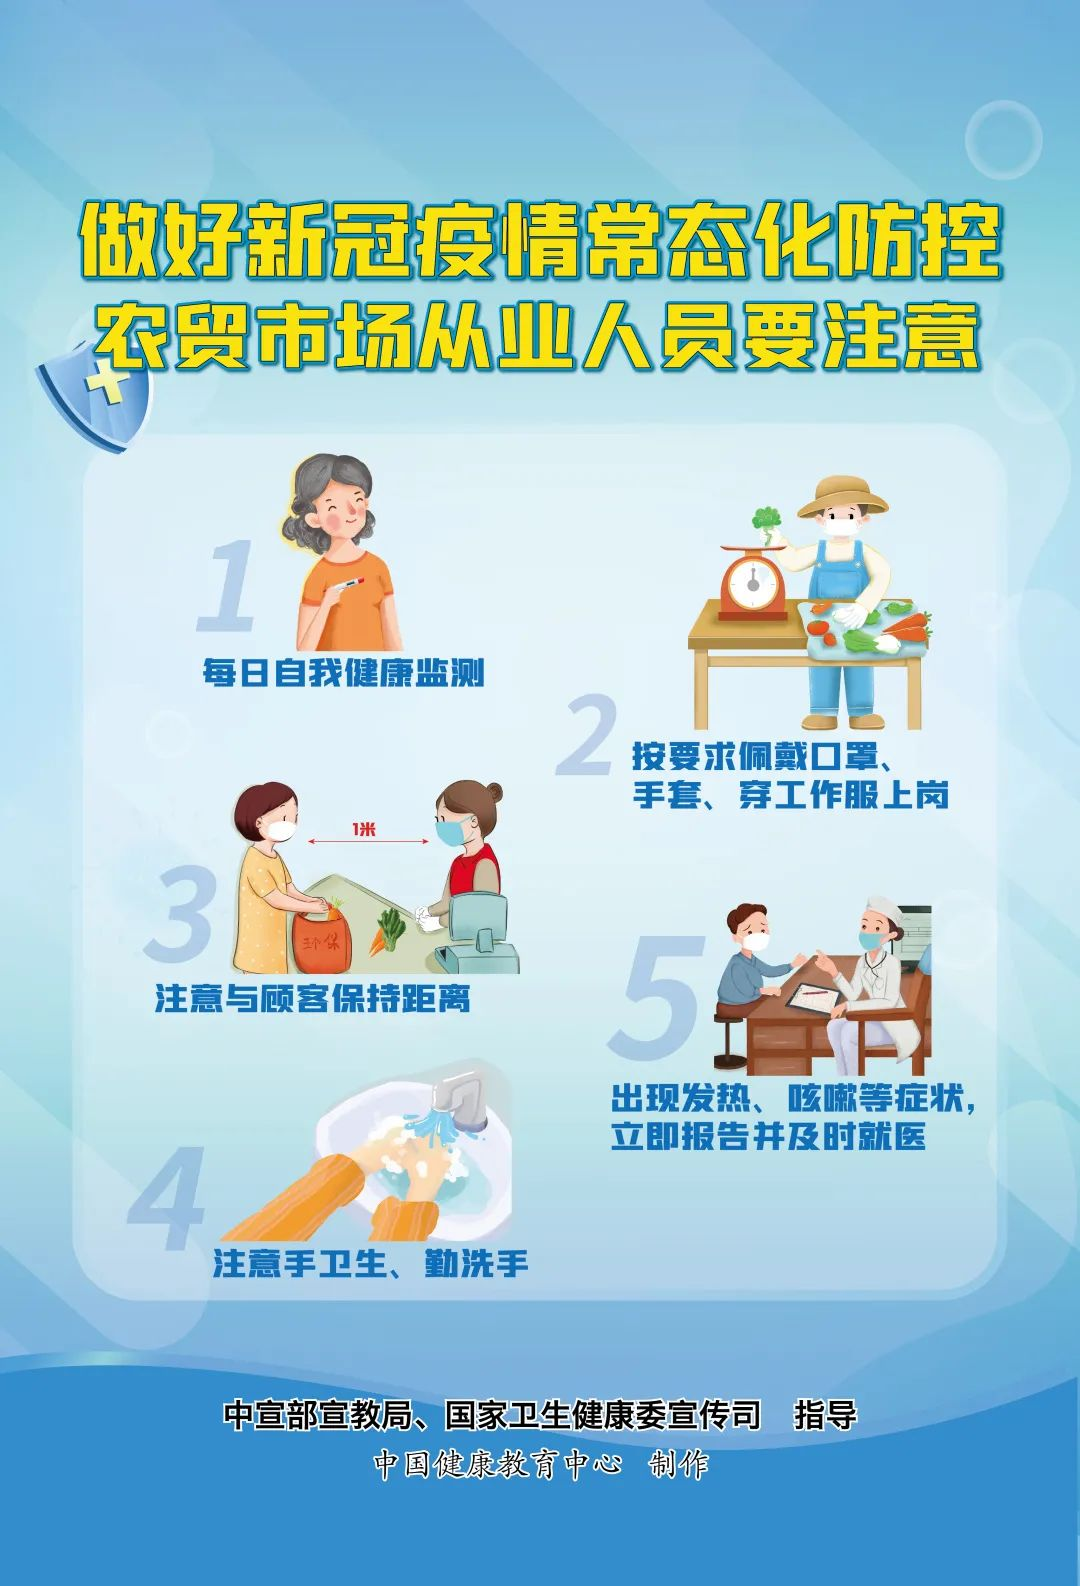 图说 做好新冠肺炎疫情常态化防控,七件事须了解